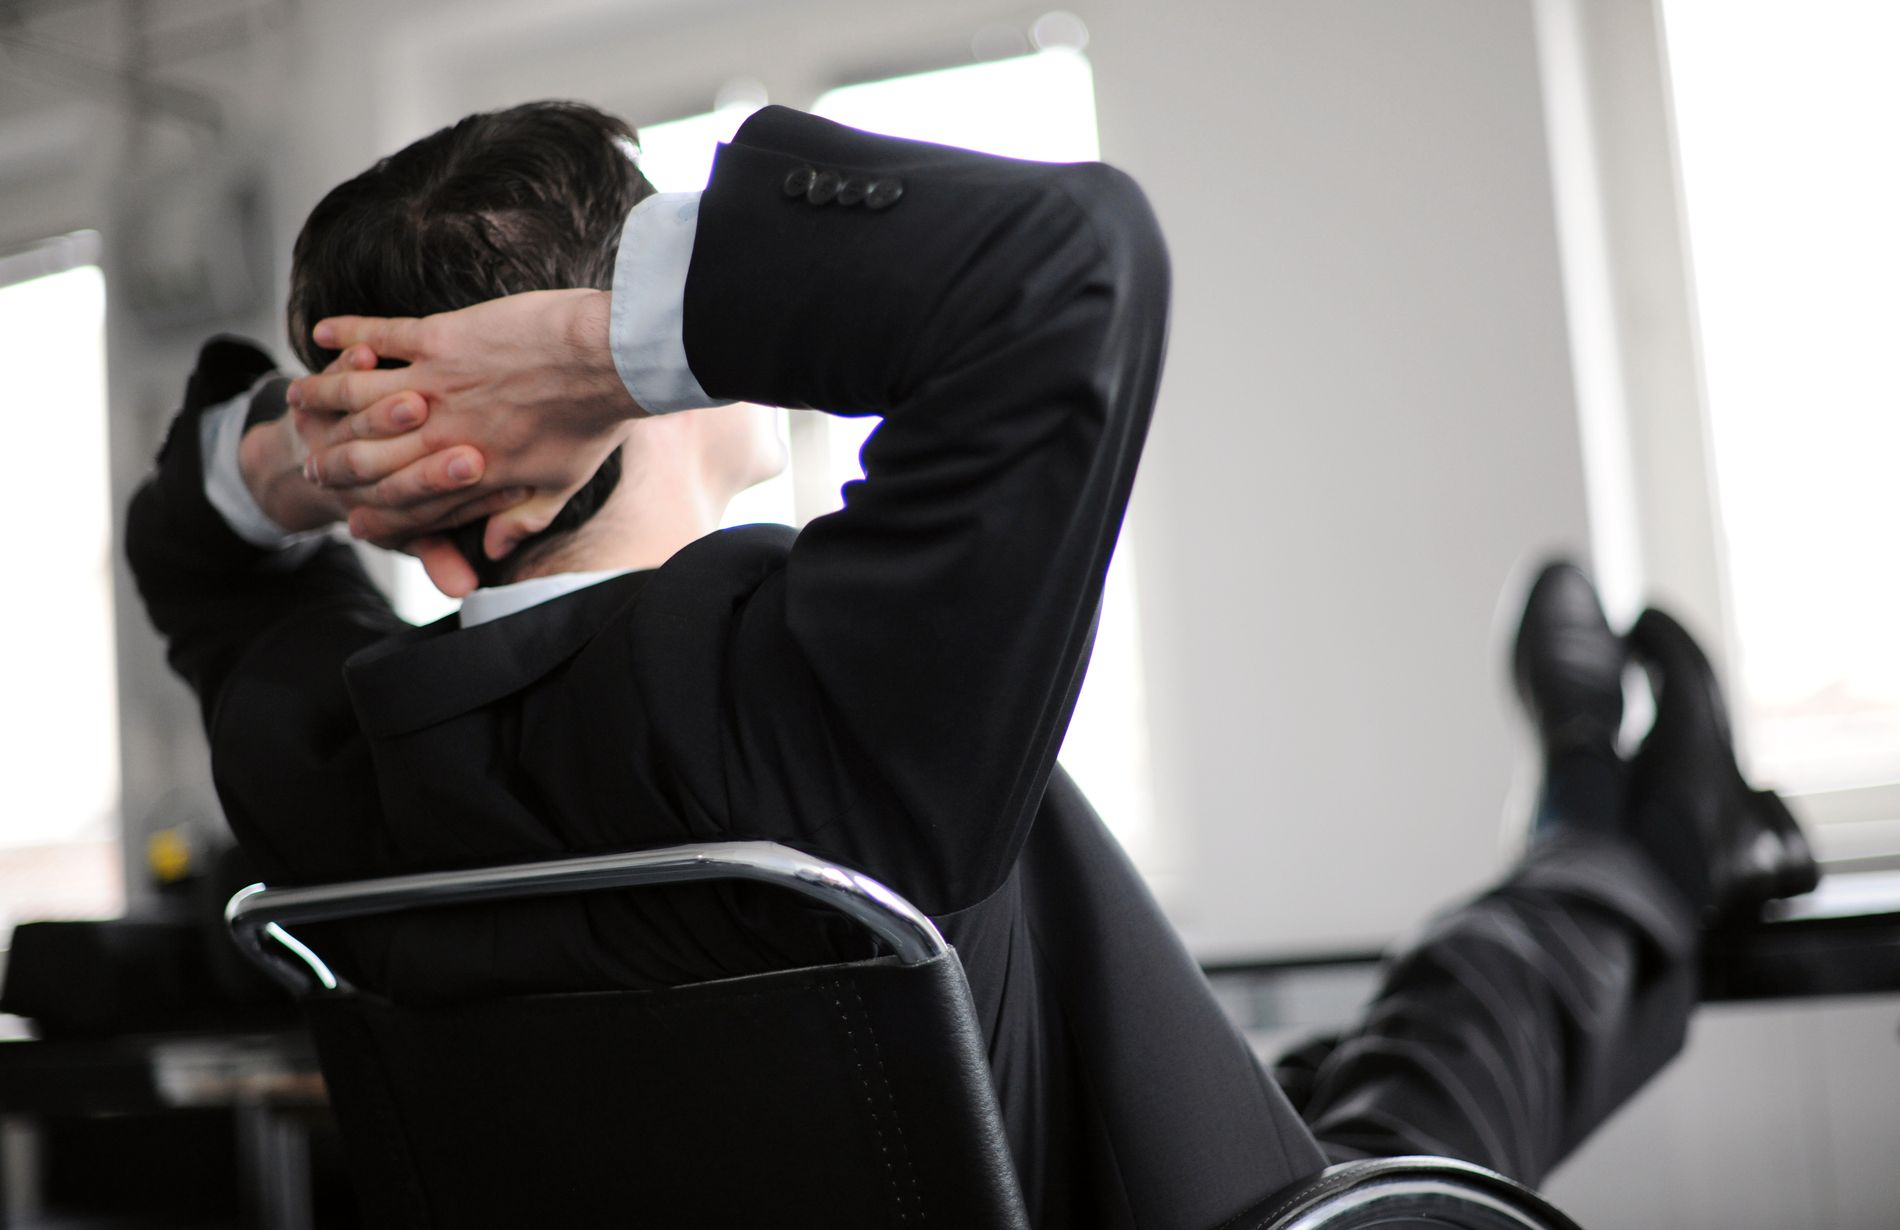 Hyppige pauser gjør deg mer produktiv, viser dansk forskning. Foto: Frank May / NTB scanpix